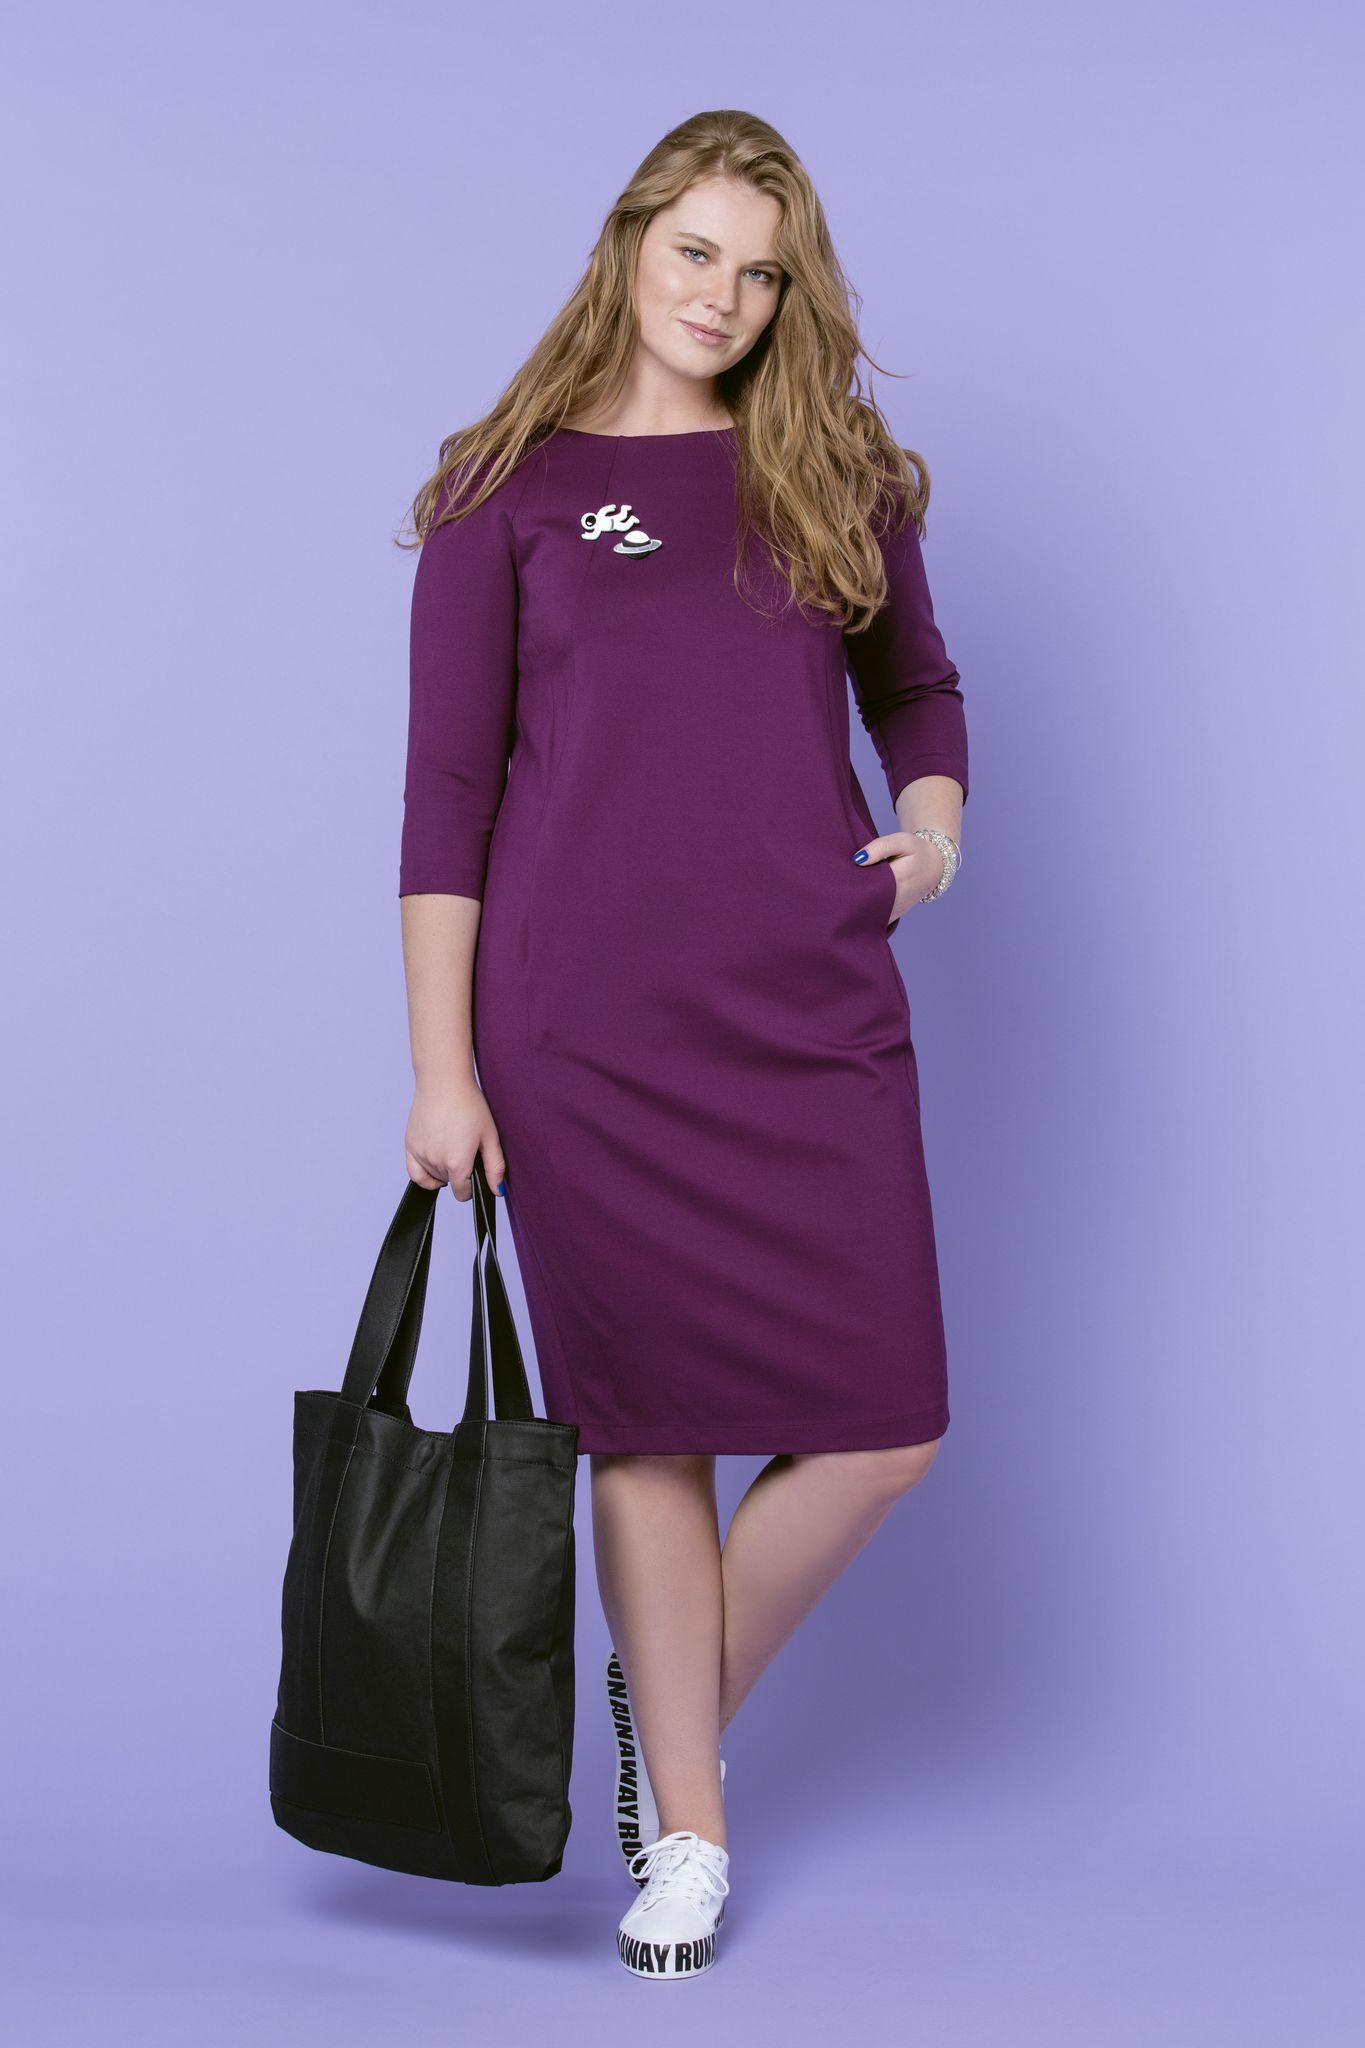 Платье BASE D1 DM 42Платья<br>Маленькое элегантное и функциональное платье. Платье с незаметными, но функциональными карманами и идеально для всех случаев жизни. Внимание повышенная износостойкость материала позволит Вам наслаждаться этим платьем не один сезон.<br>